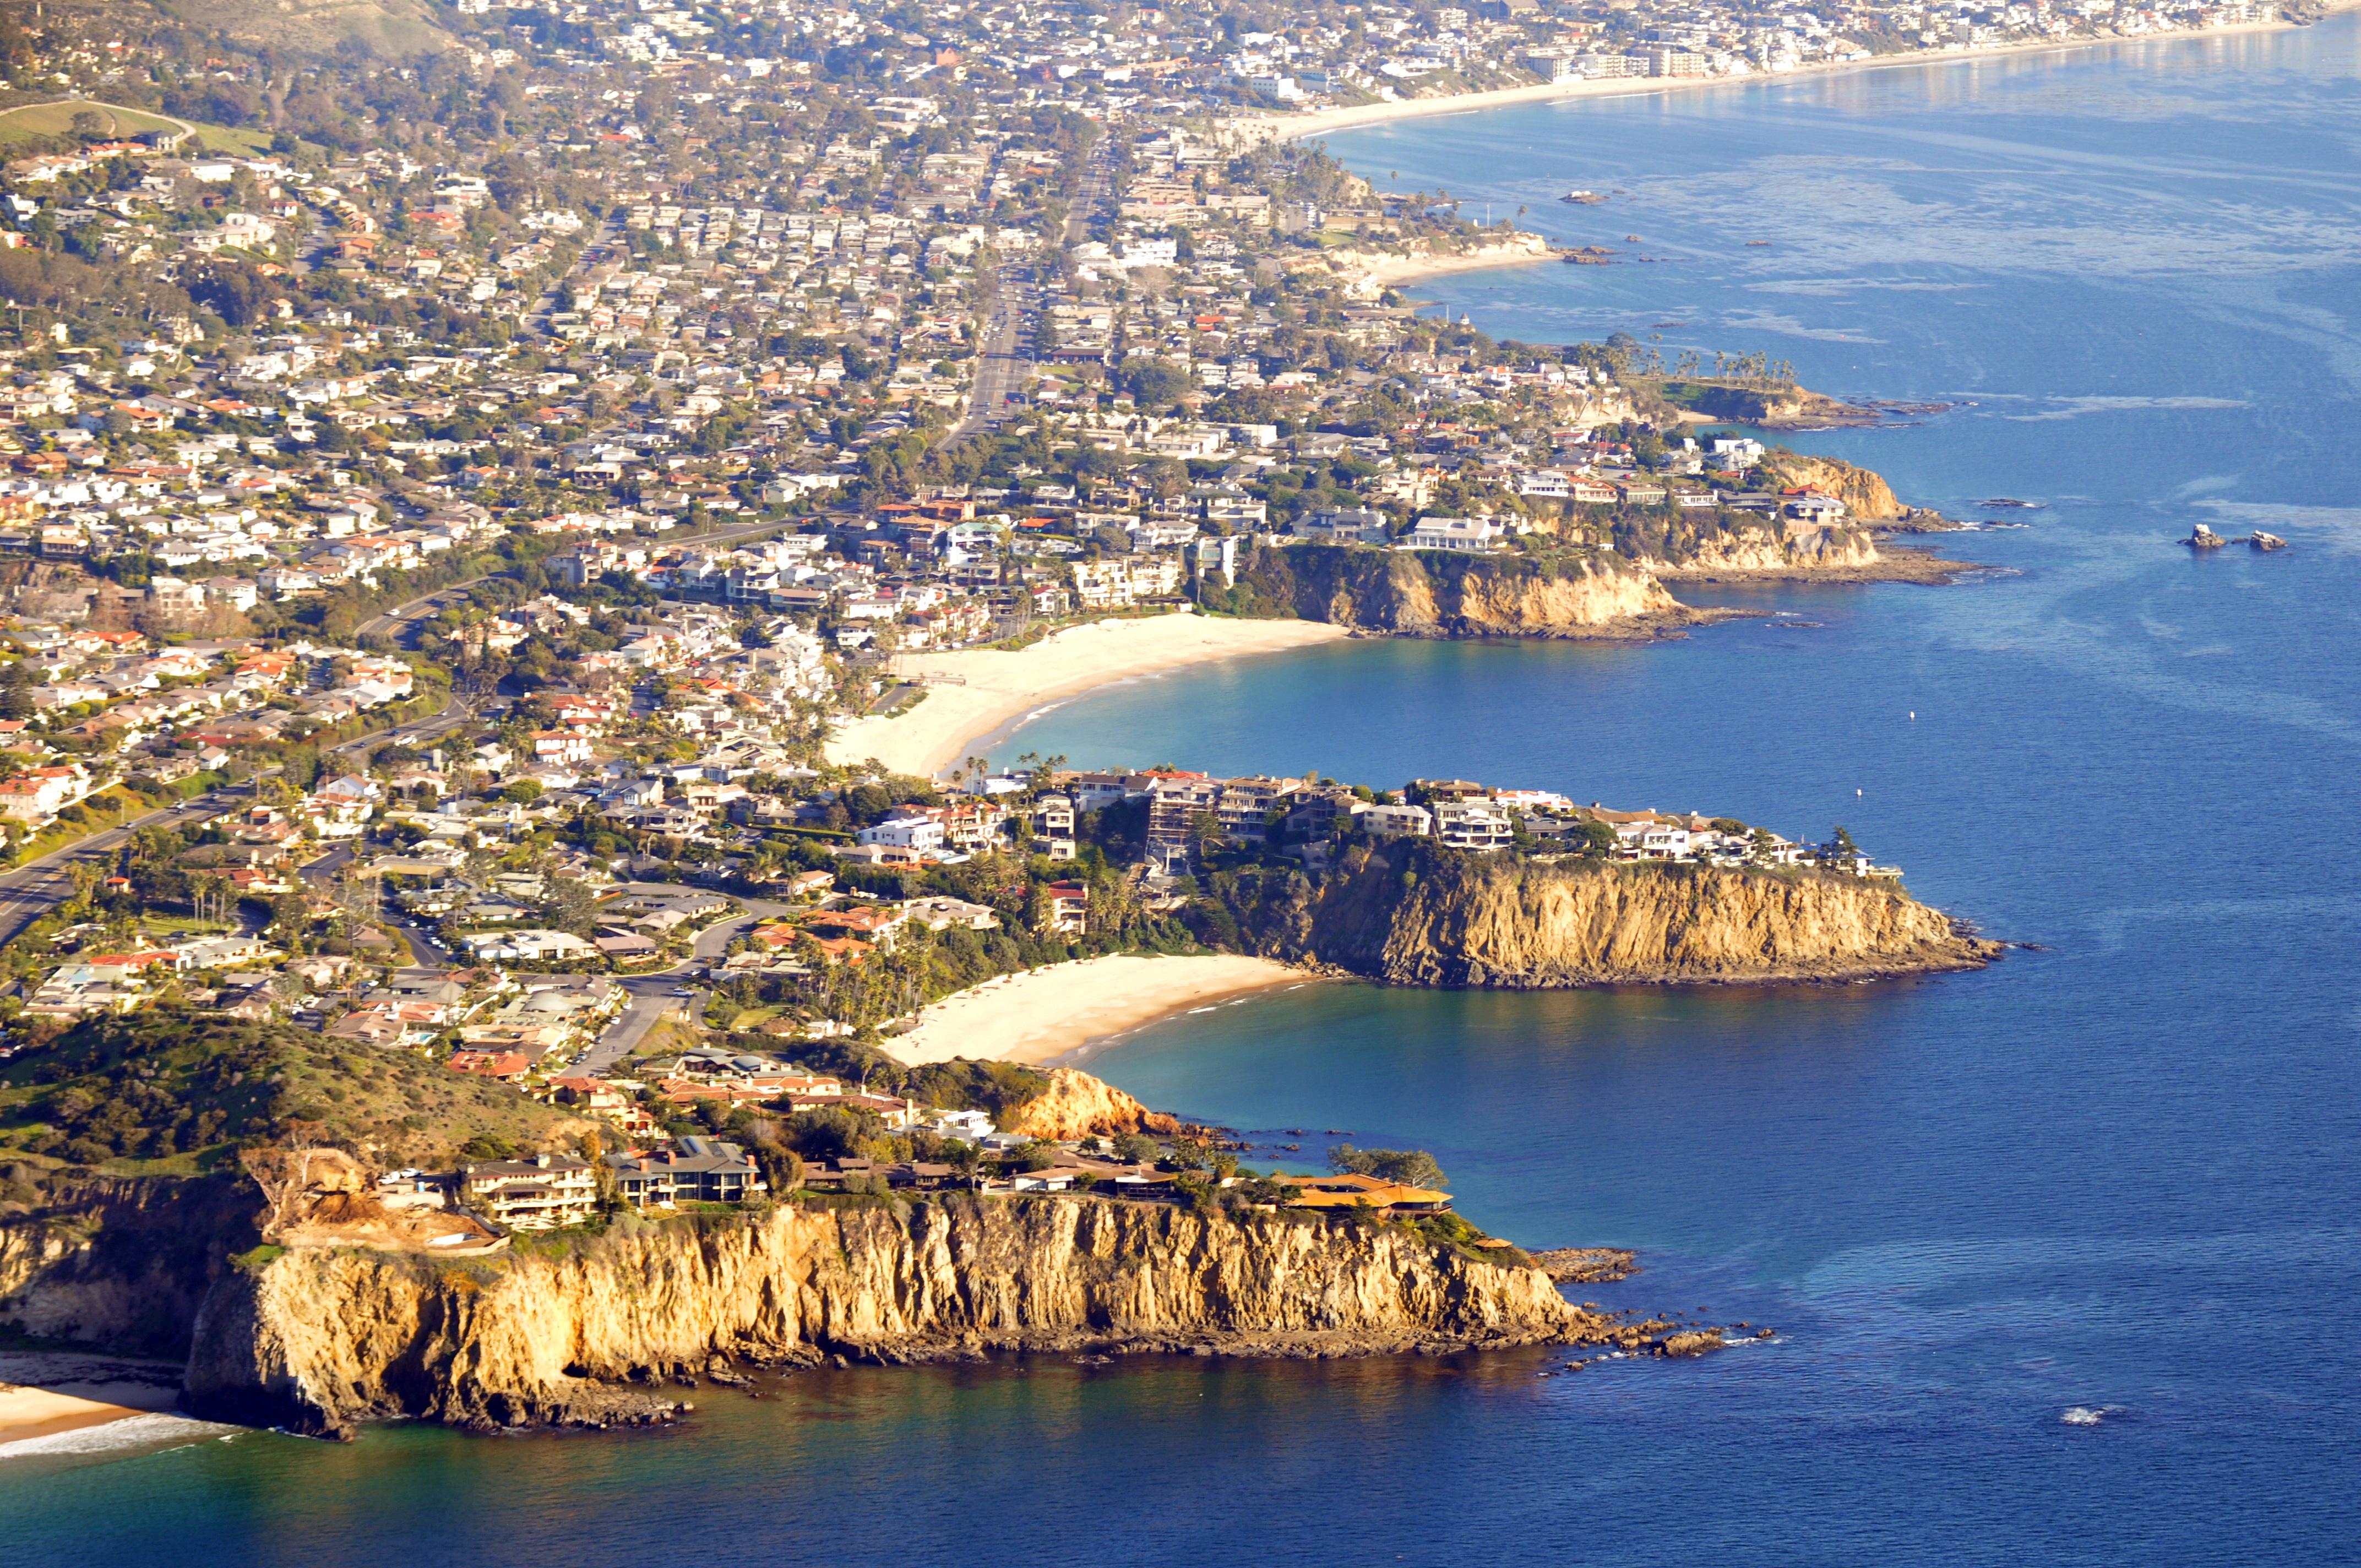 North Laguna Beach Zip Code